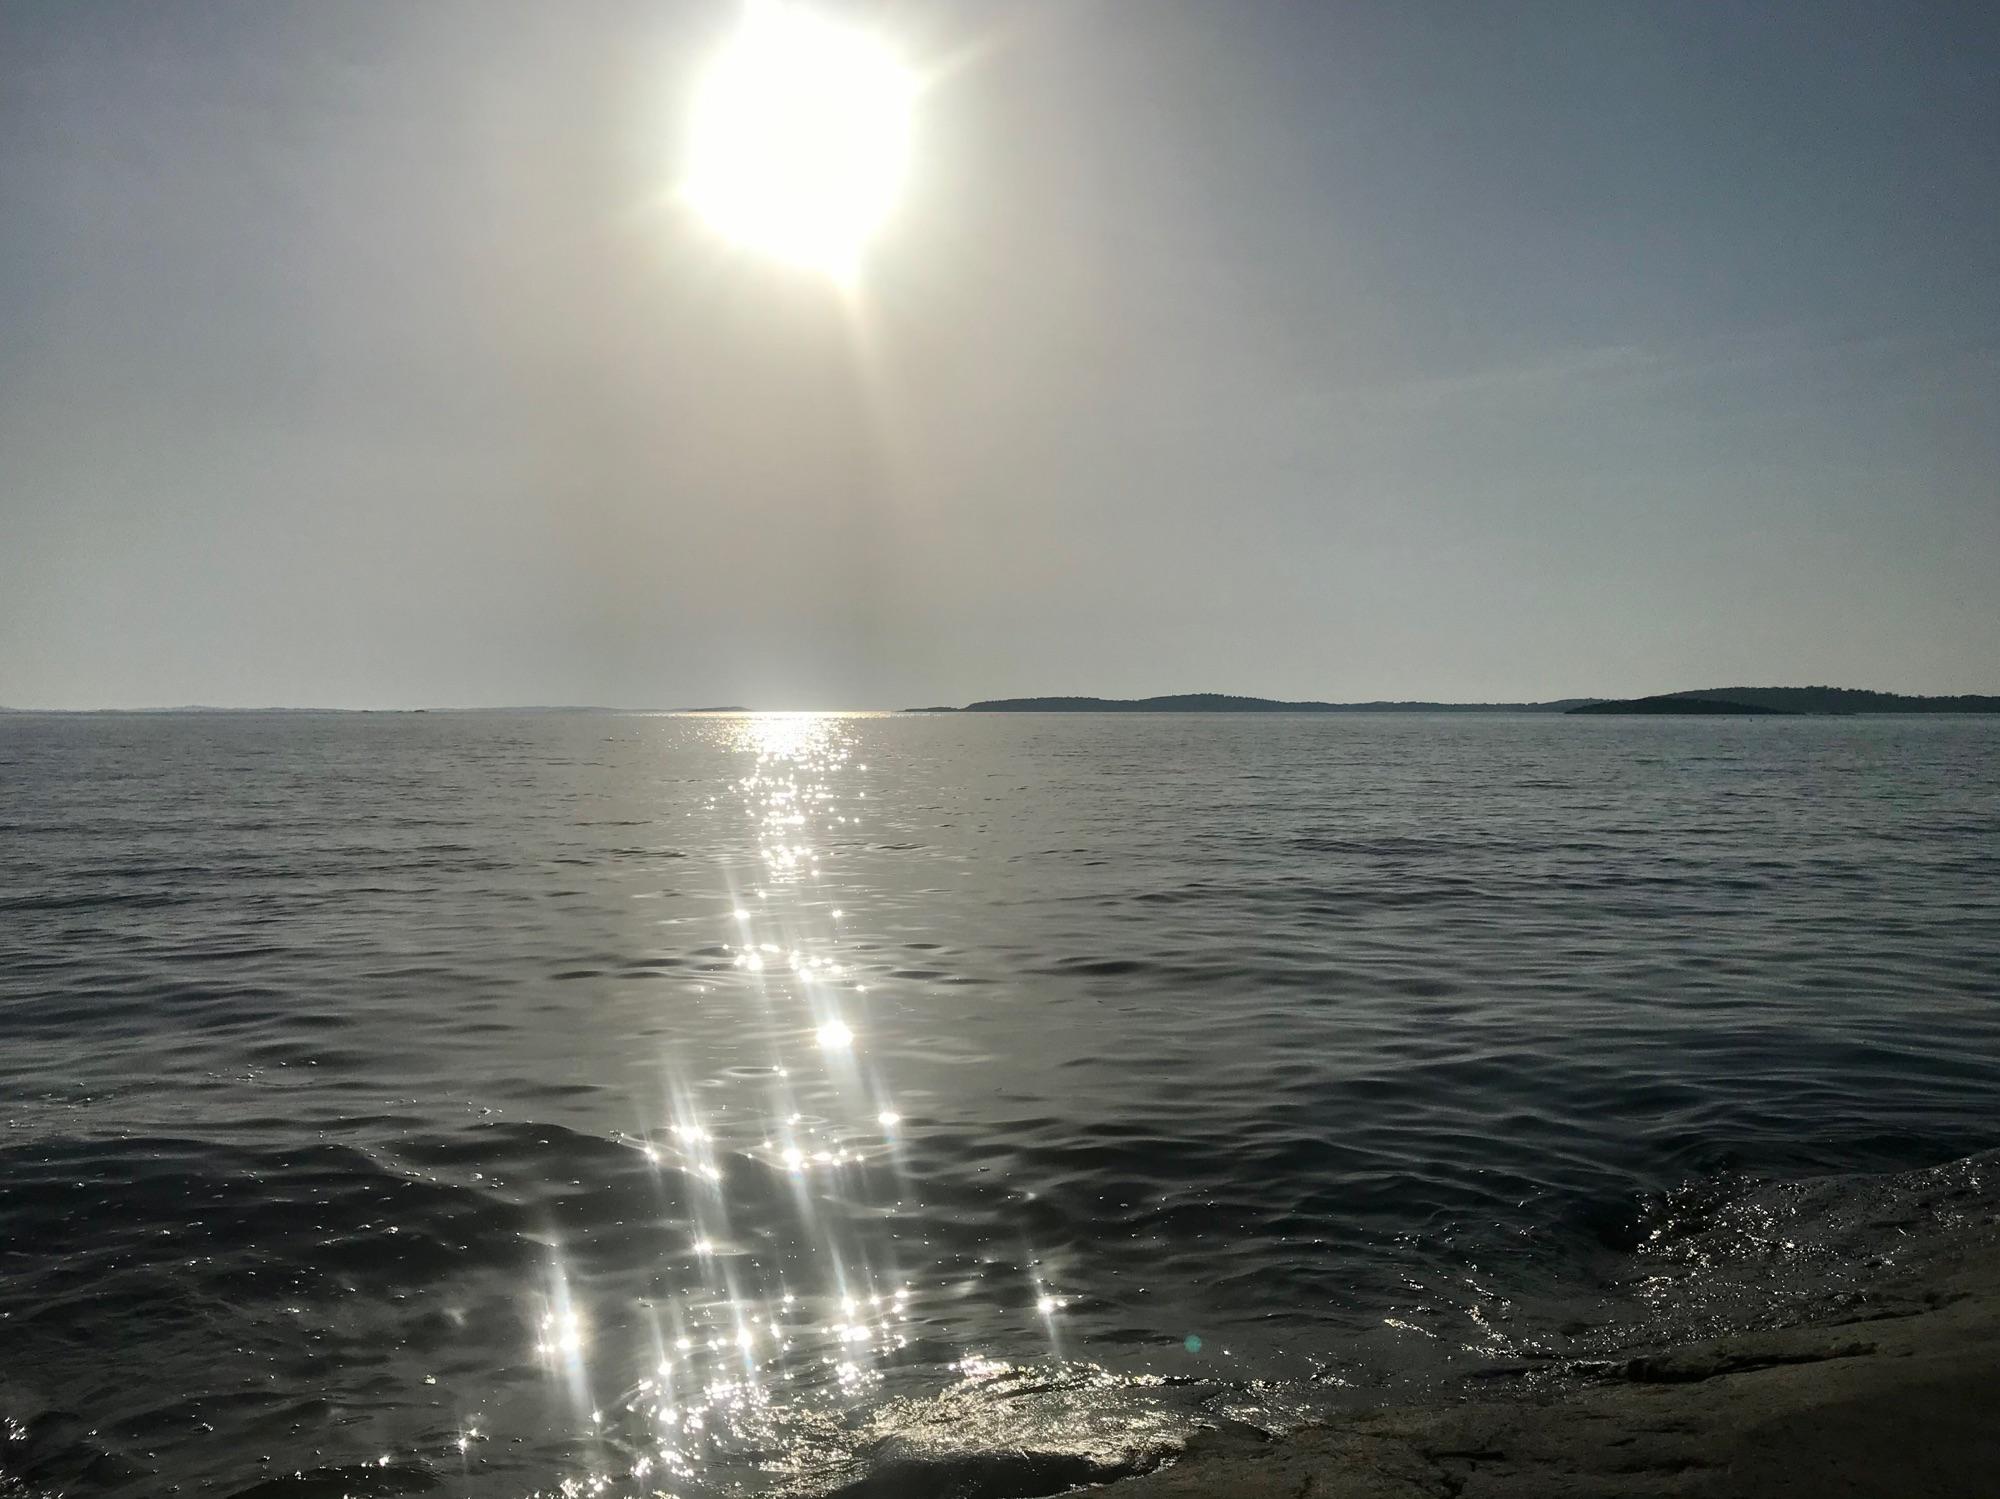 Утомлённое солнце нежно с морем прощалось...